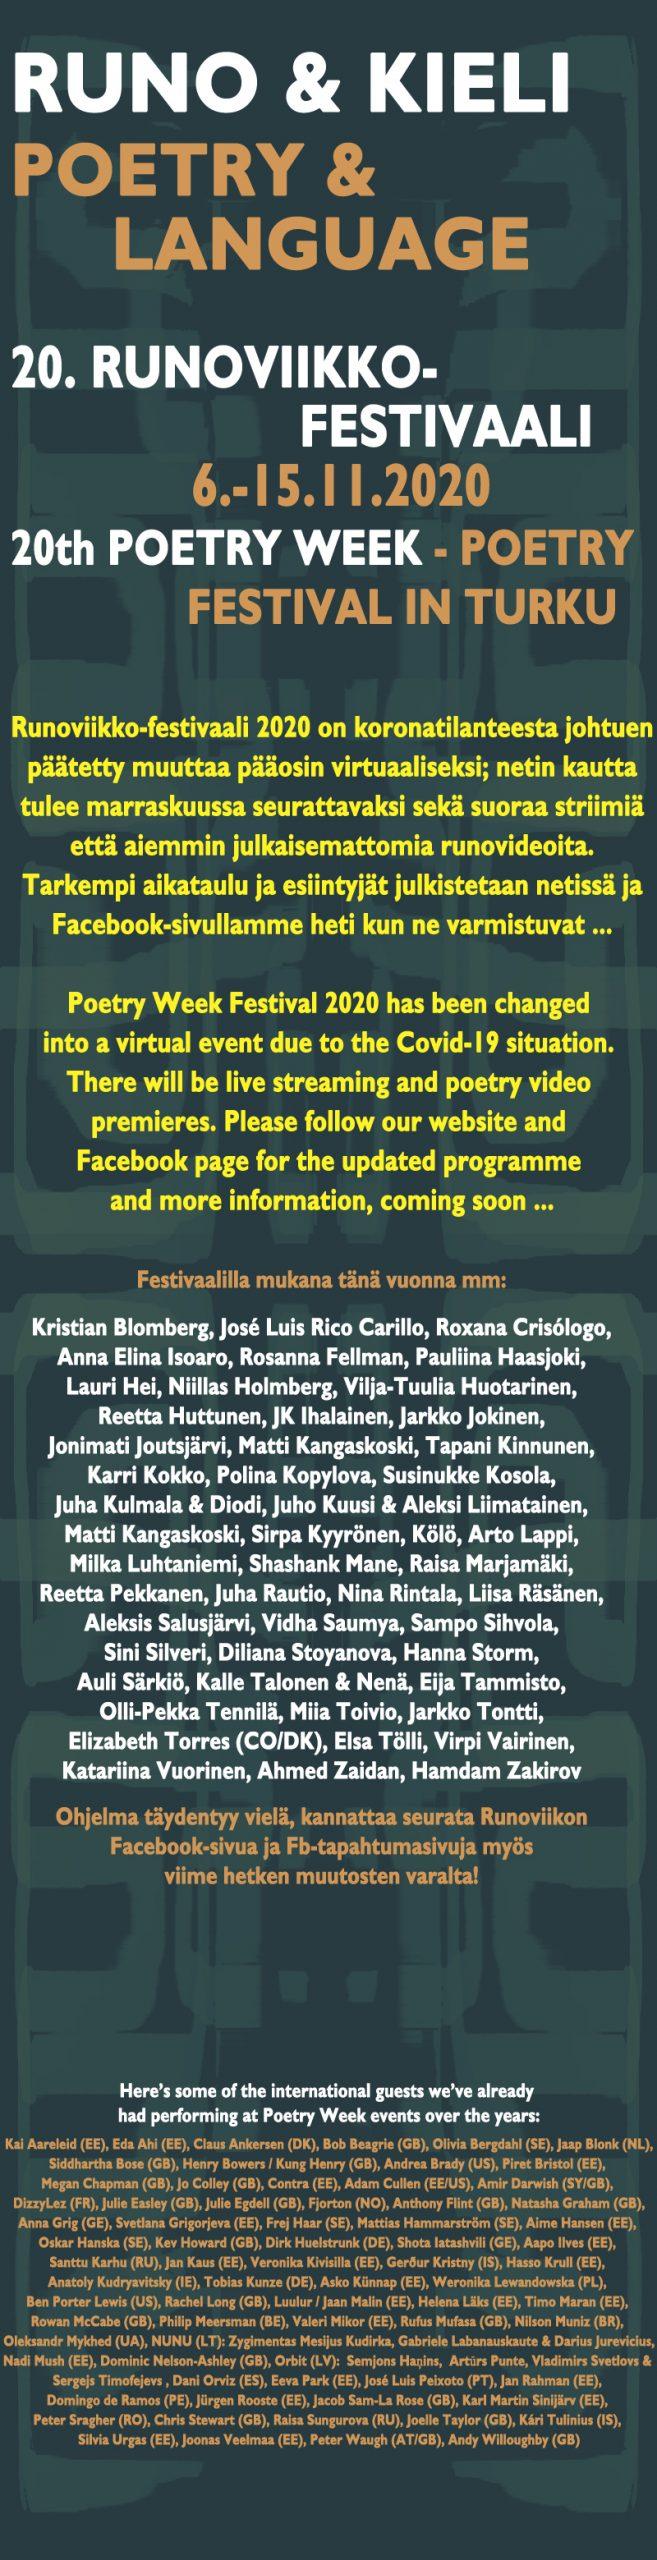 Poetry & Language